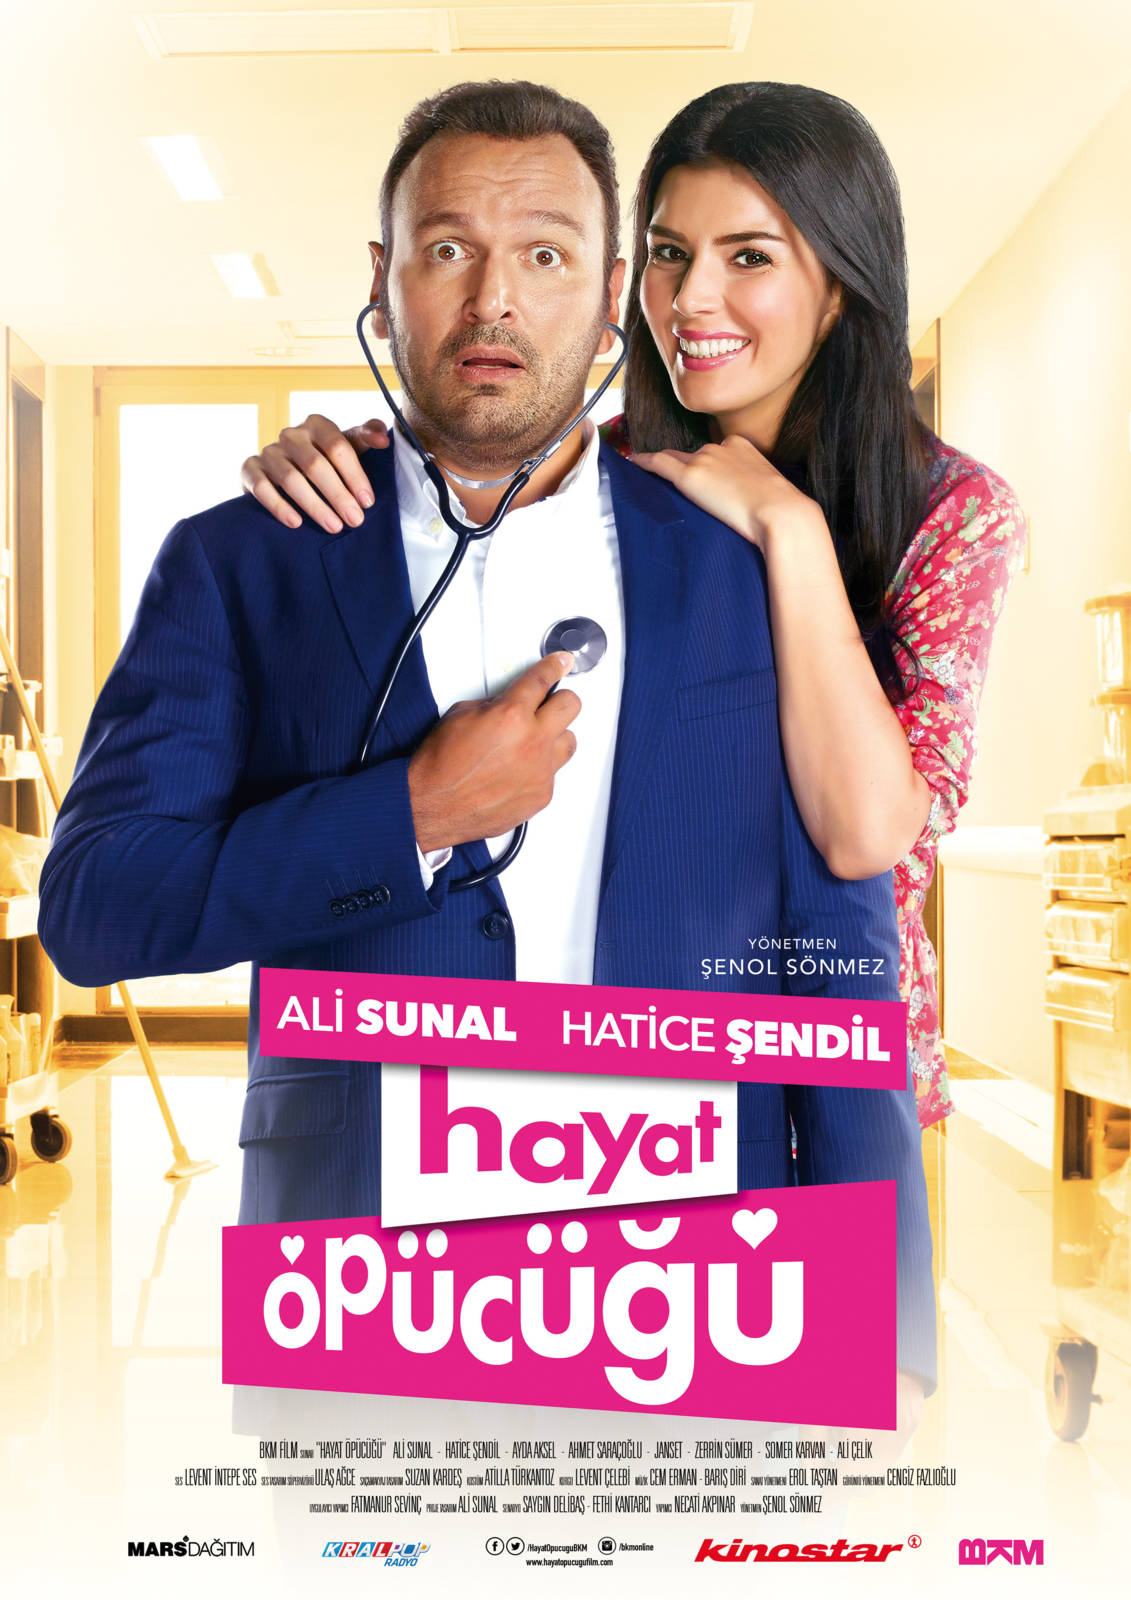 قبلة الحياة 2015 فيلم Hayat Opucugu التركي مترجم للعربية + تقرير